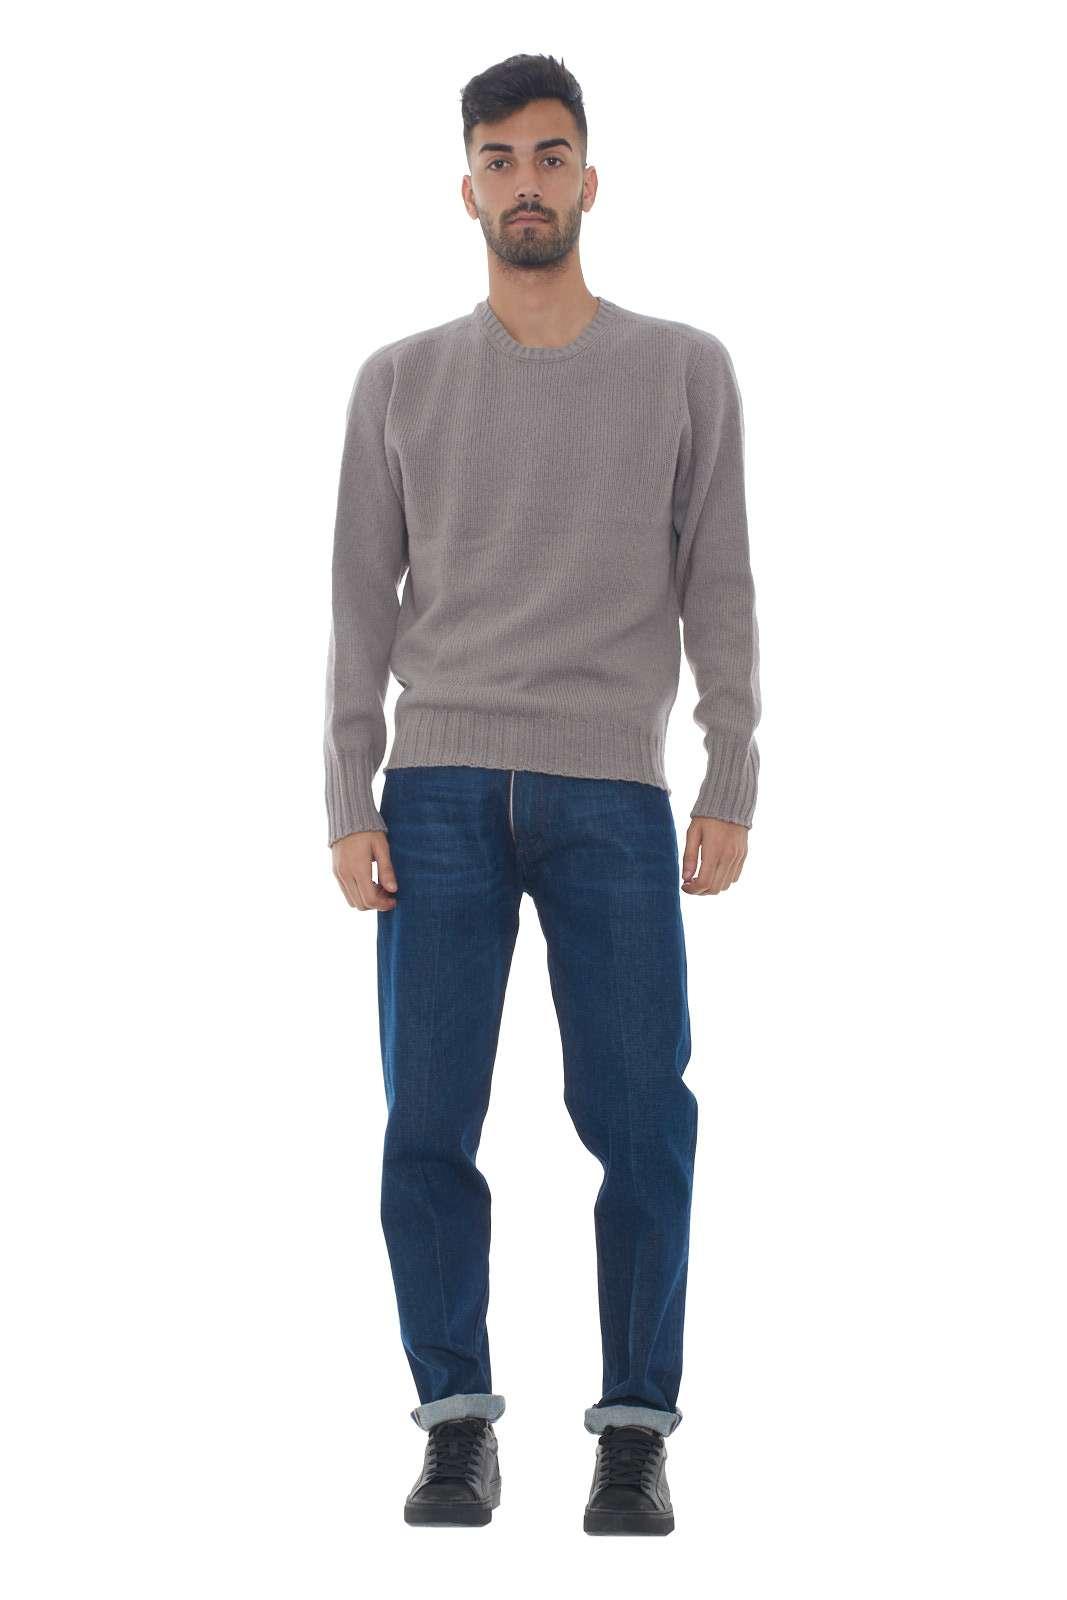 https://www.parmax.com/media/catalog/product/a/i/AI-outlet_parmax-maglia-uomo-Acquapura-001-D.jpg